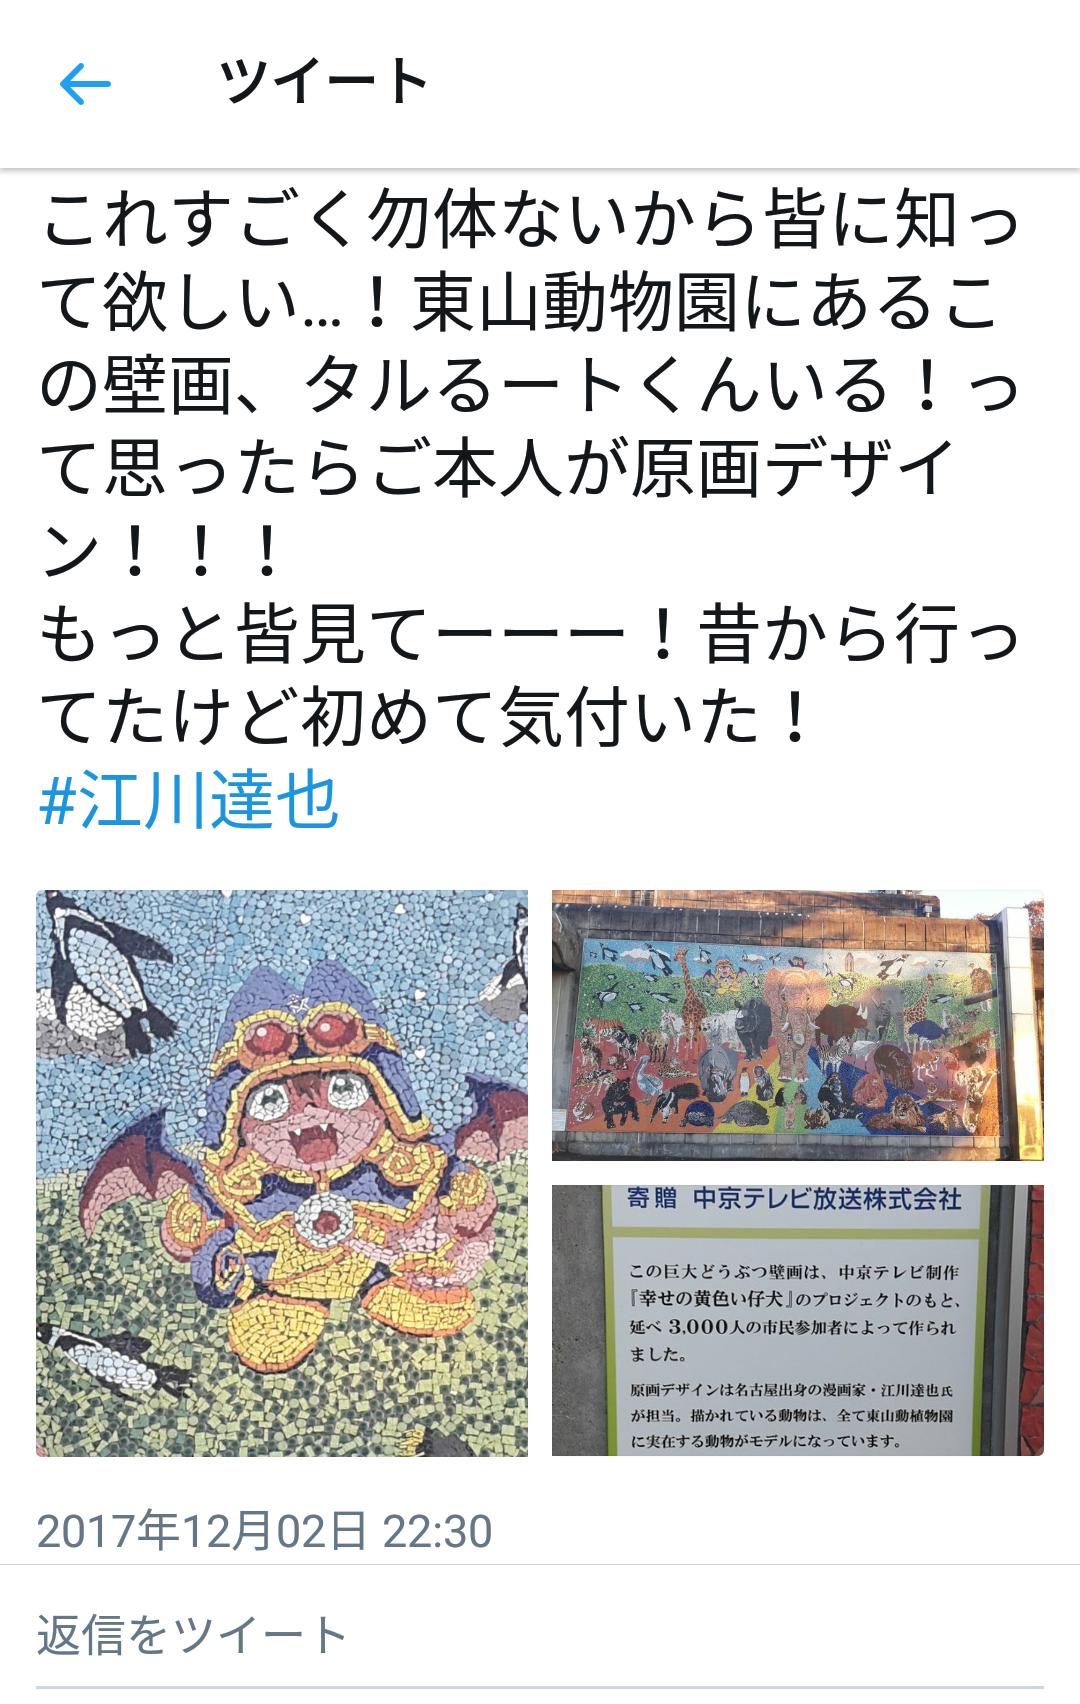 『まじかる☆タルるートくん』好きな人!!